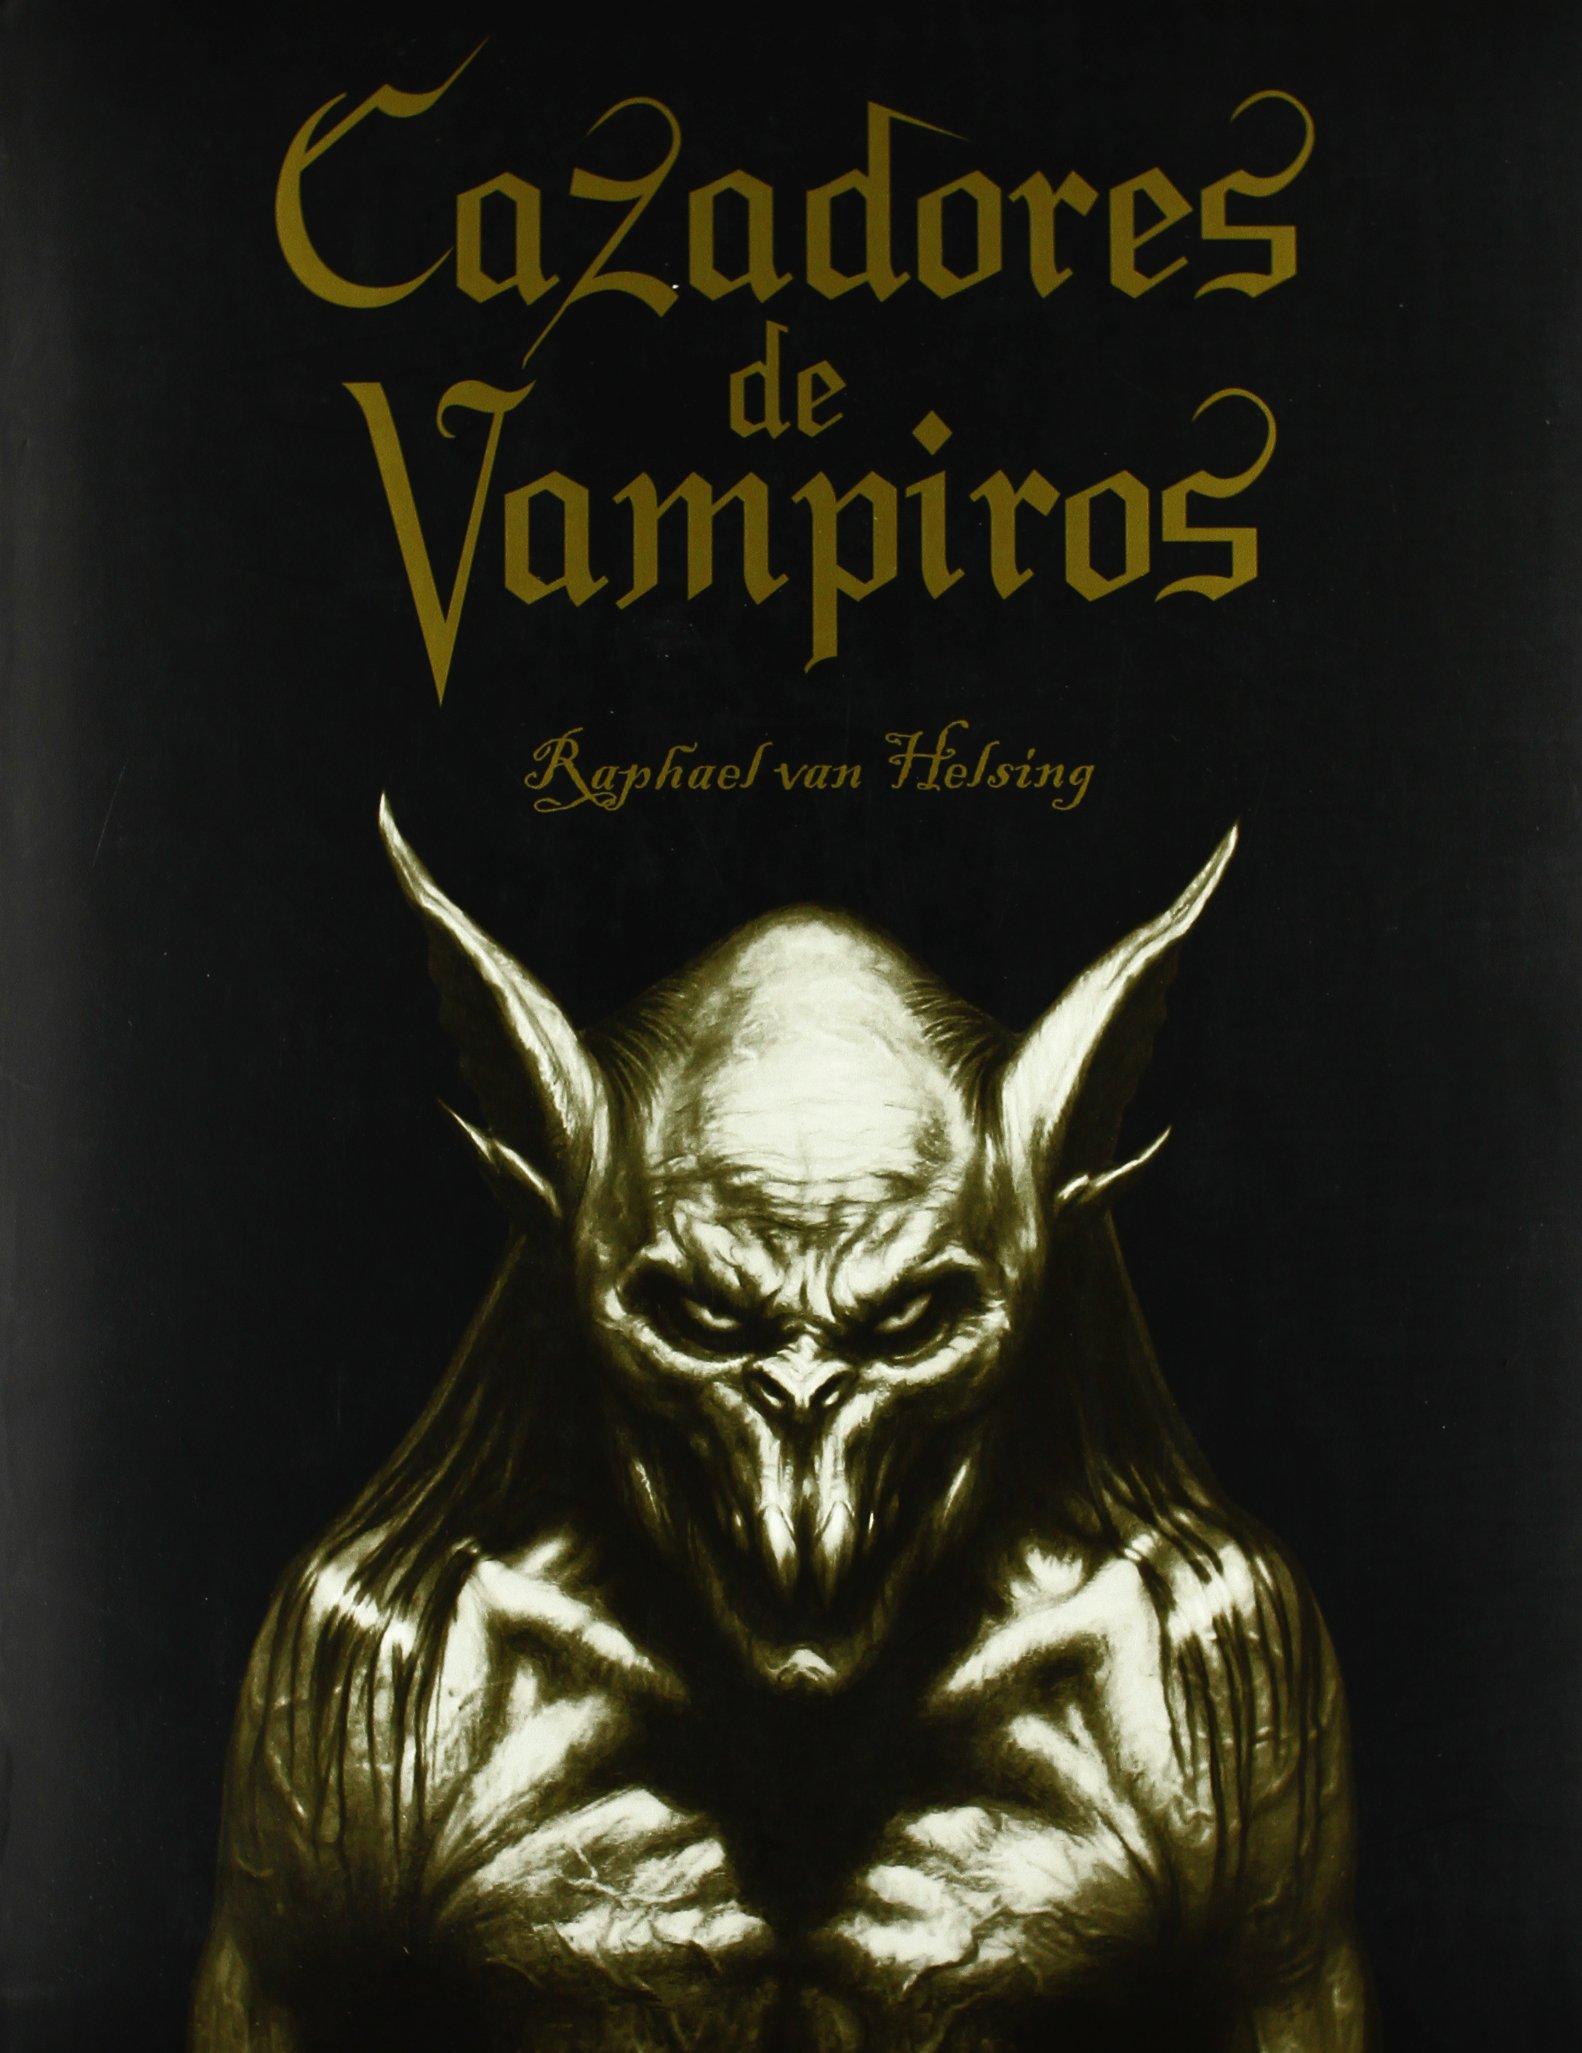 Cazadores de vampiros (LIBROS ILUSTRADOS): Amazon.es: Martin Howard, Teresa Camprodón Alberca, Miles Teves, TERESA; CAMPRODON ALBERCA: Libros